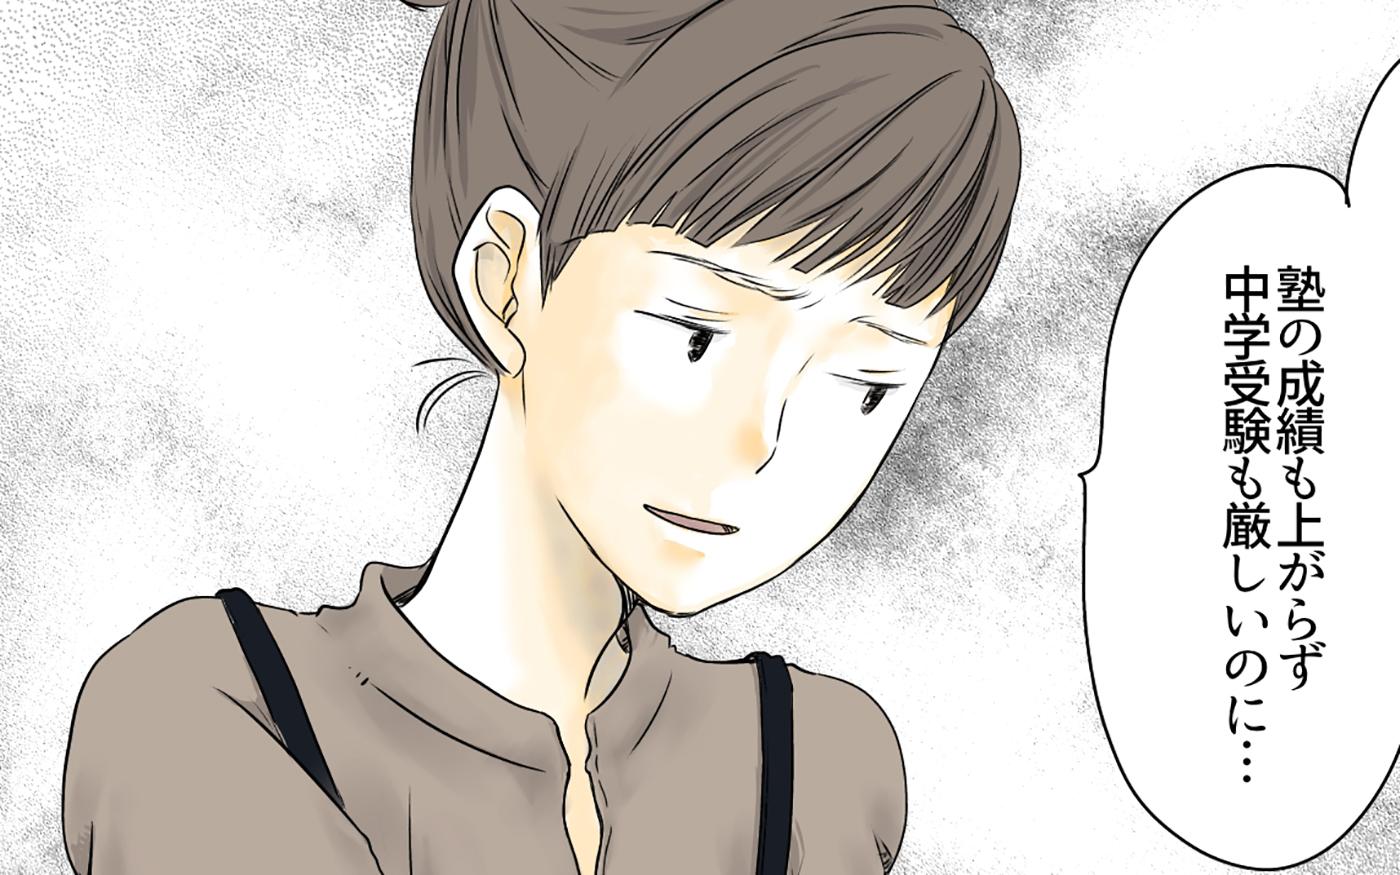 不安を聞いてほしかった…母が抱えた苦悩/子どもを追い詰める親・由井家の場合(4)